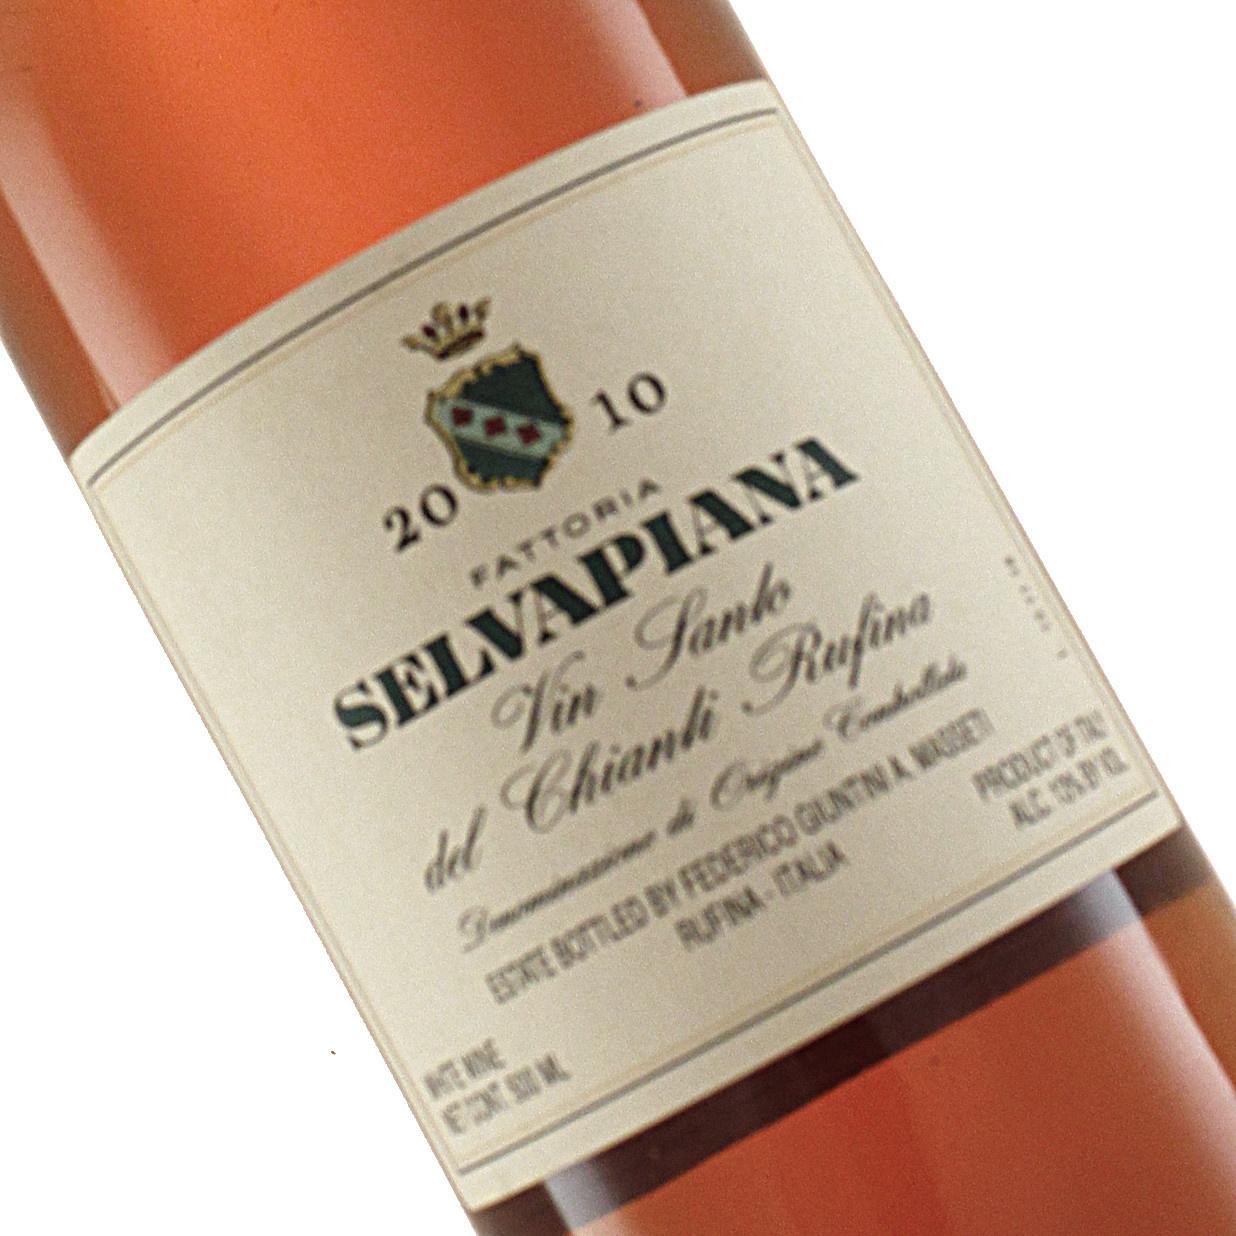 Selvapiana 2010 Vin Santo del Chianti Rufina 500ml